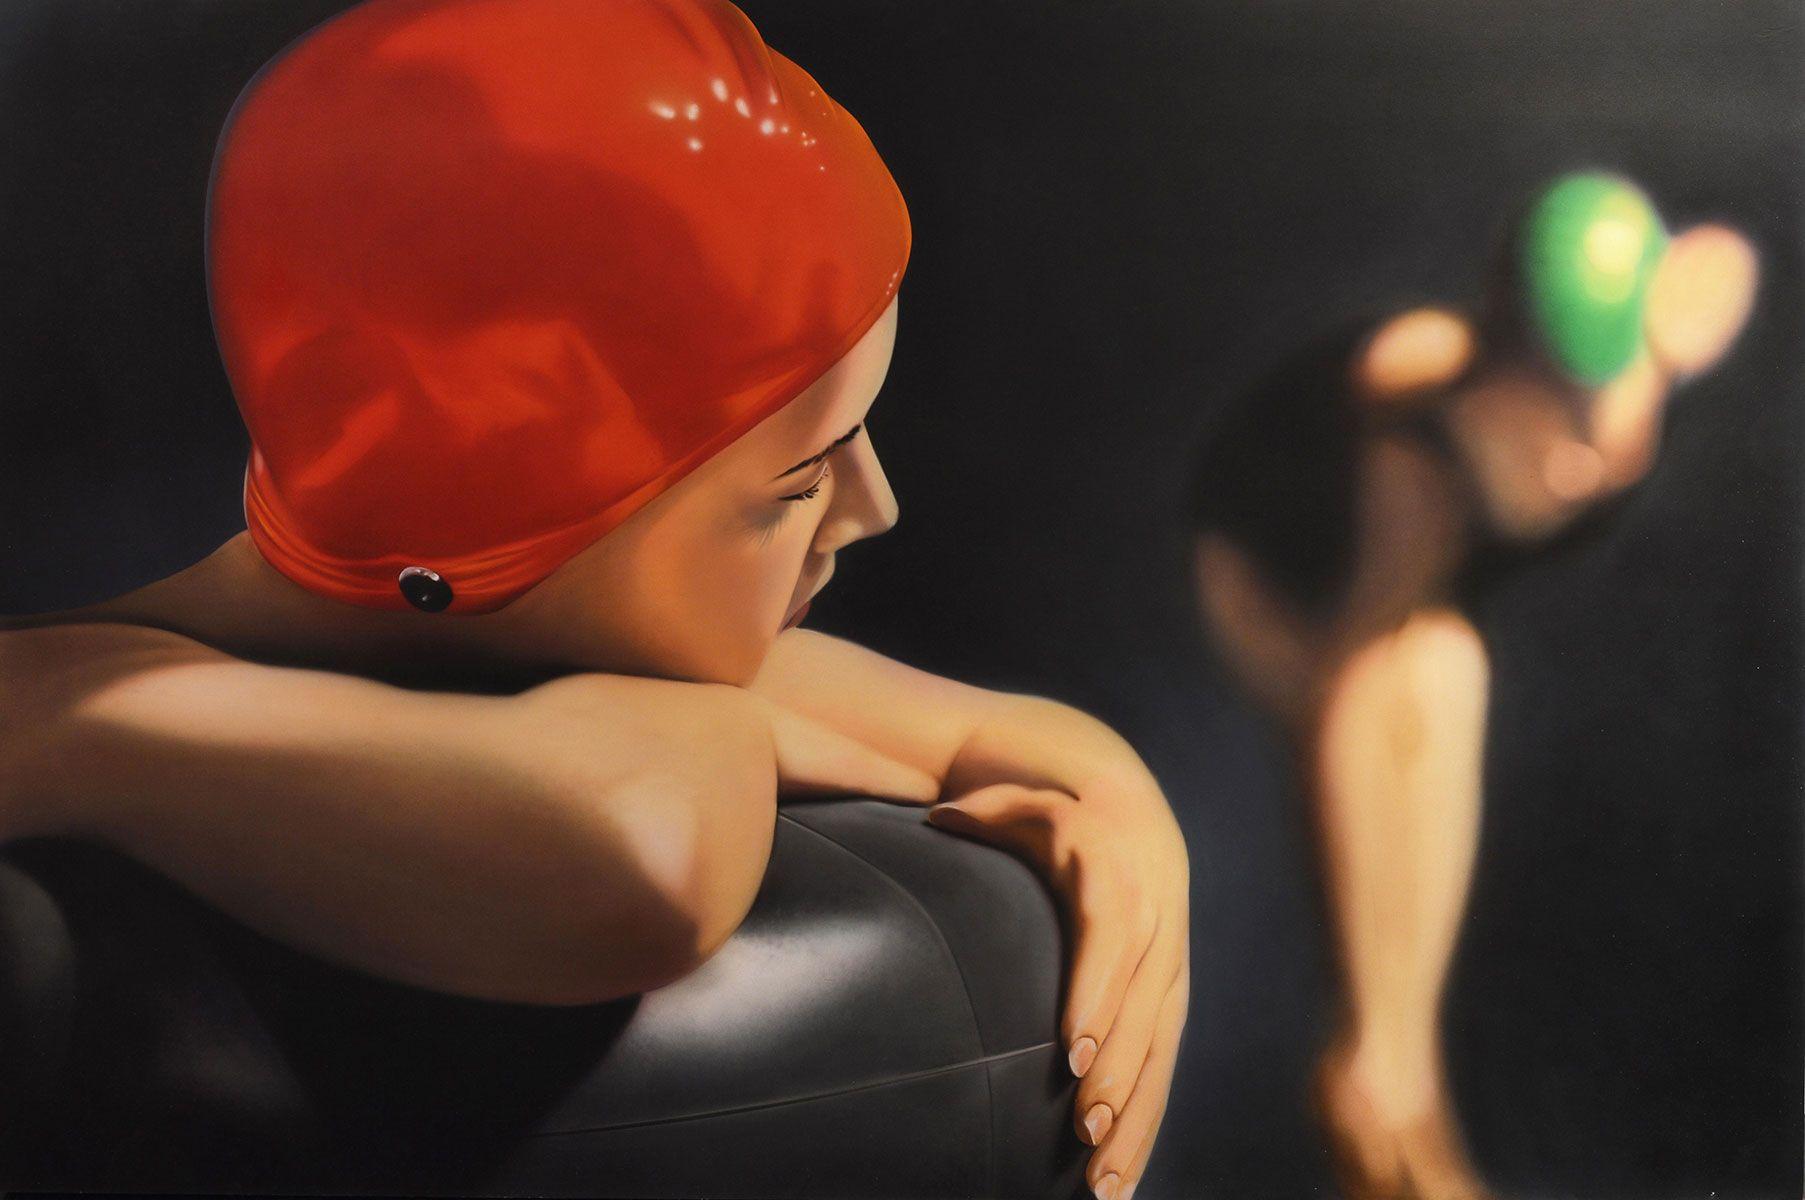 Feuerman-002-Serena---Painting